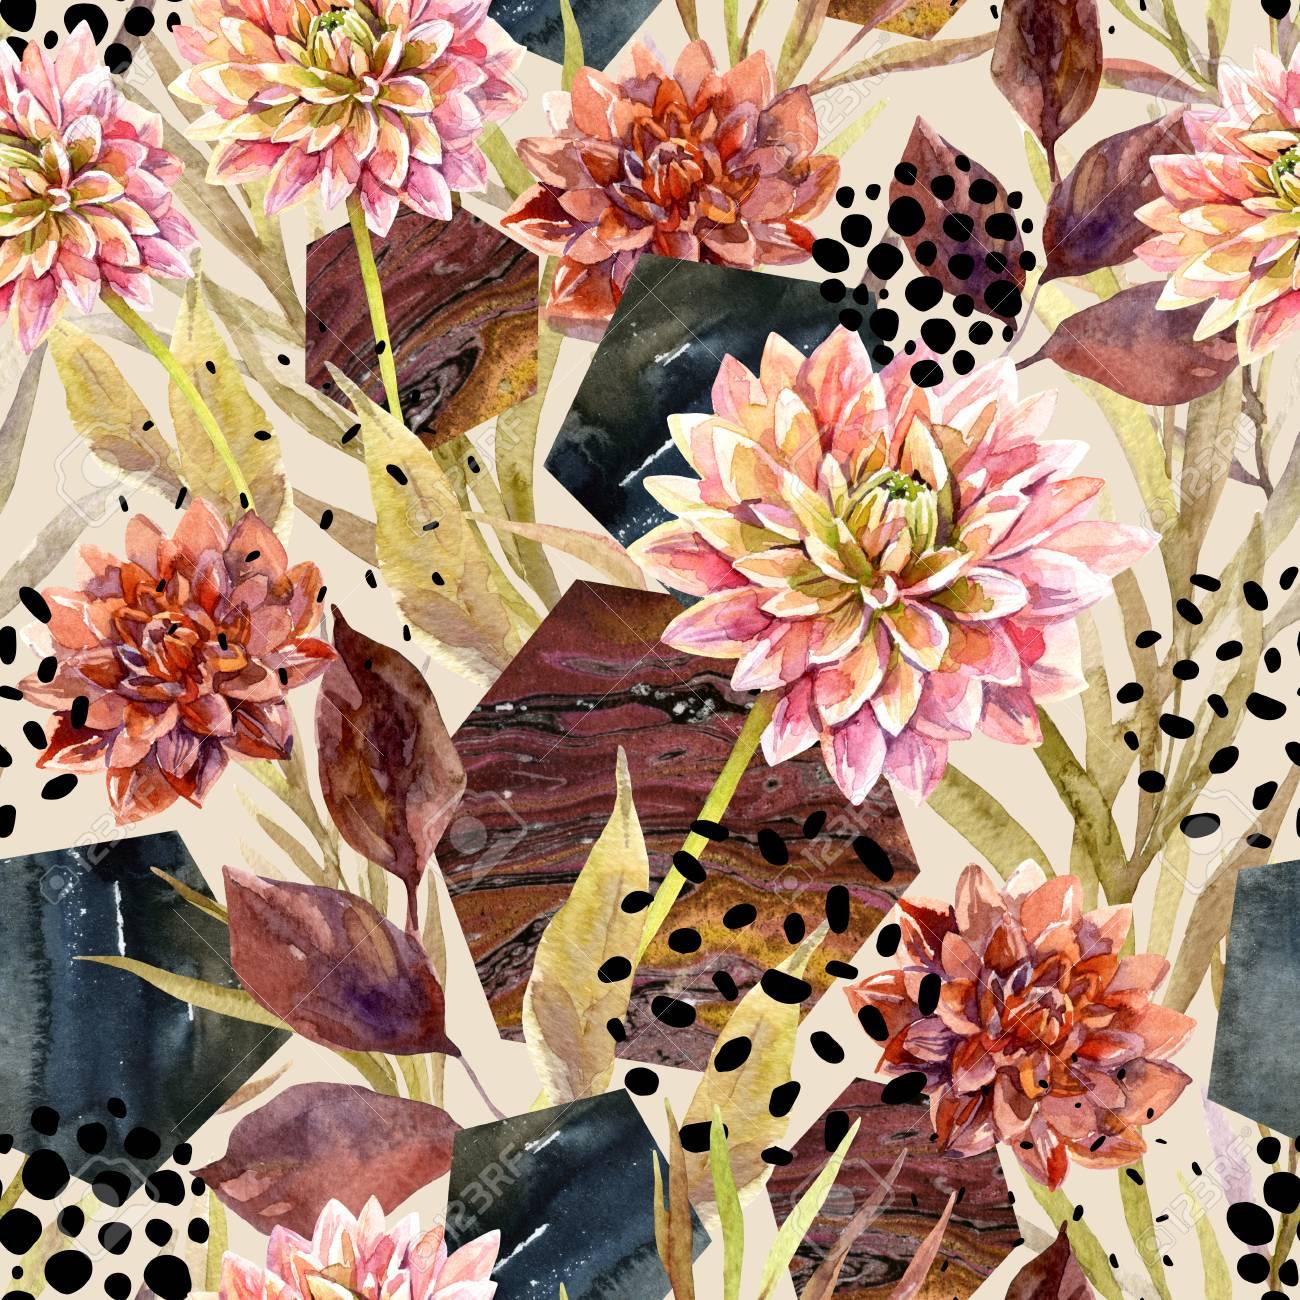 Acuarela Arreglo Floral De Otoño De Patrones Sin Fisuras Fondo Con Flores Hojas Hexágono Círculos Llenos De Textura Veteada Mano Dibuja La